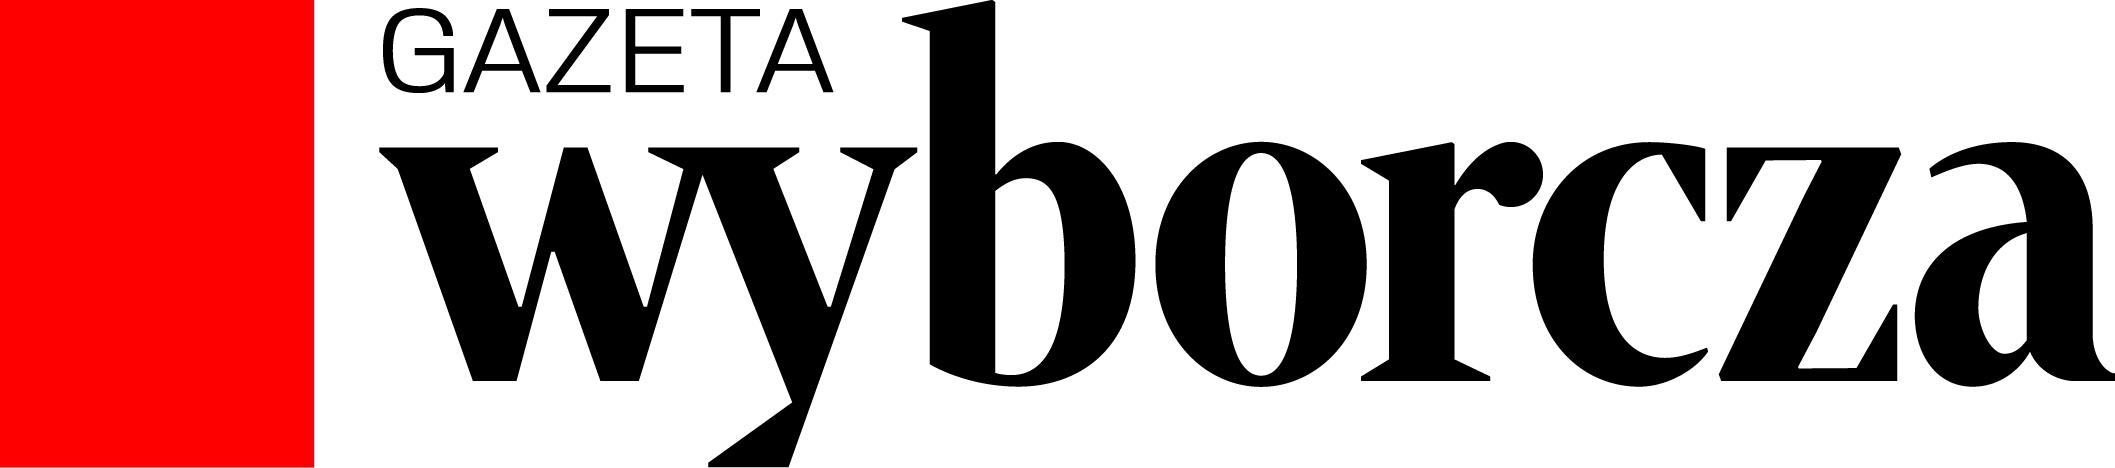 logo wyborcza bez napisu kopia